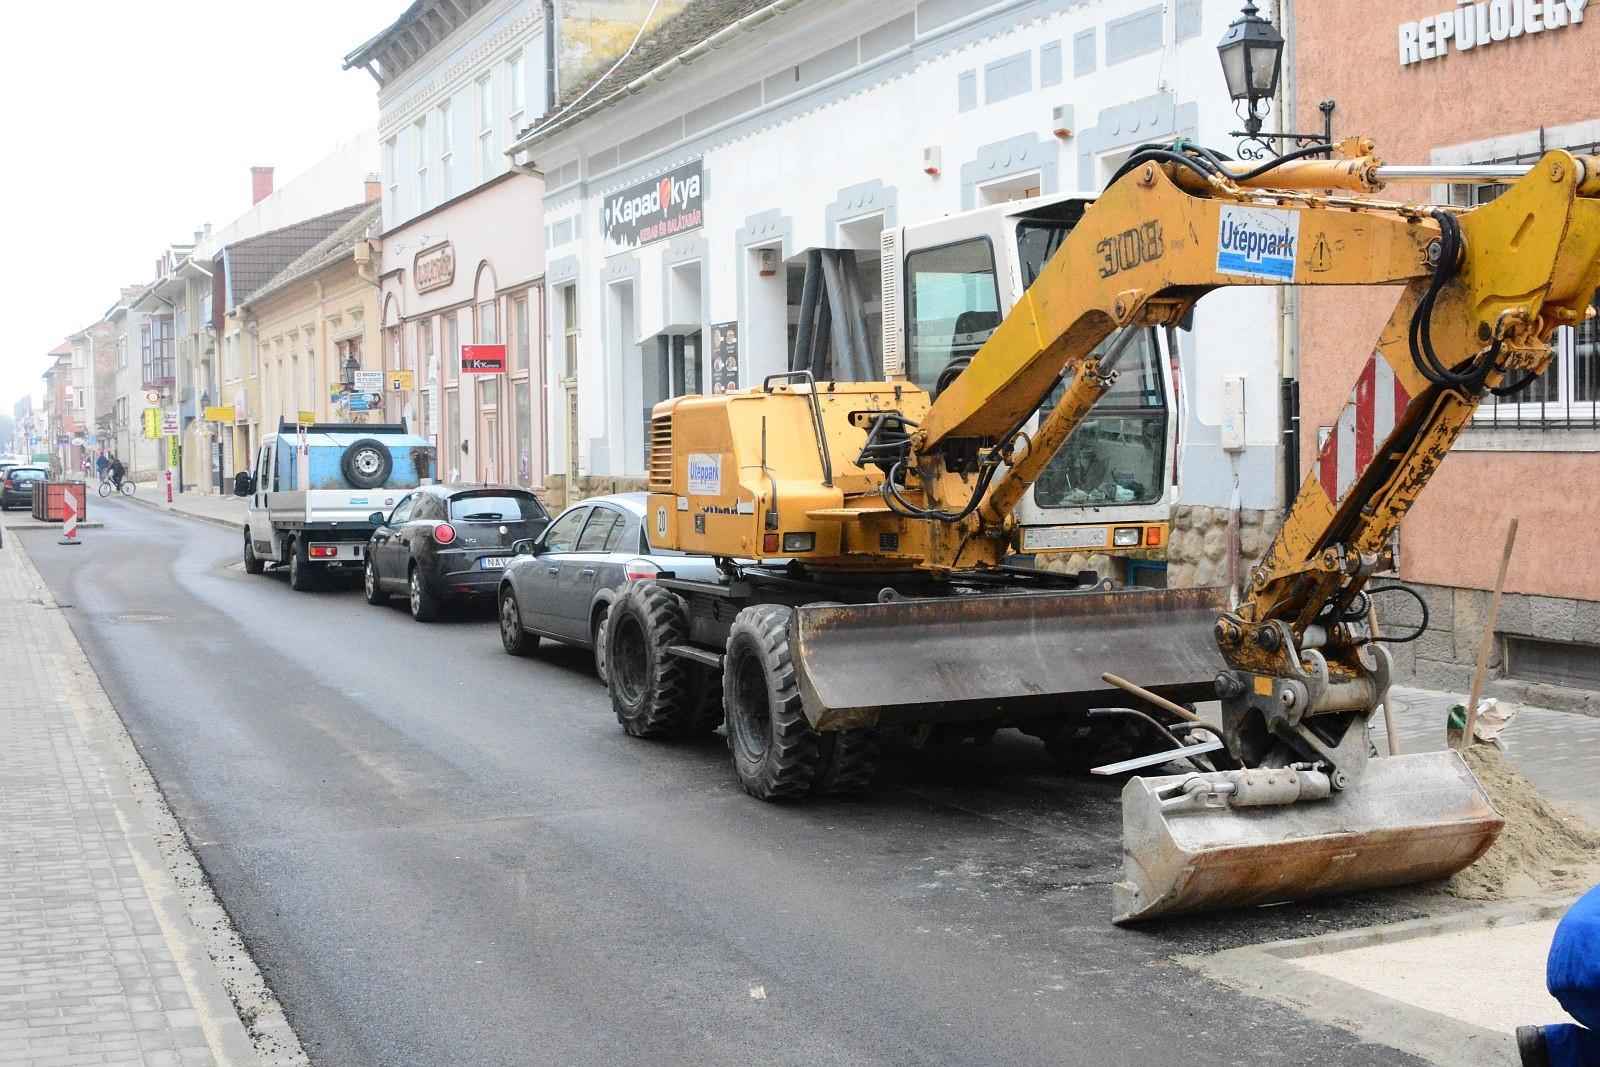 A közművekkel együtt 270 millió forintból újult meg a székesfehérvári Távírda utca